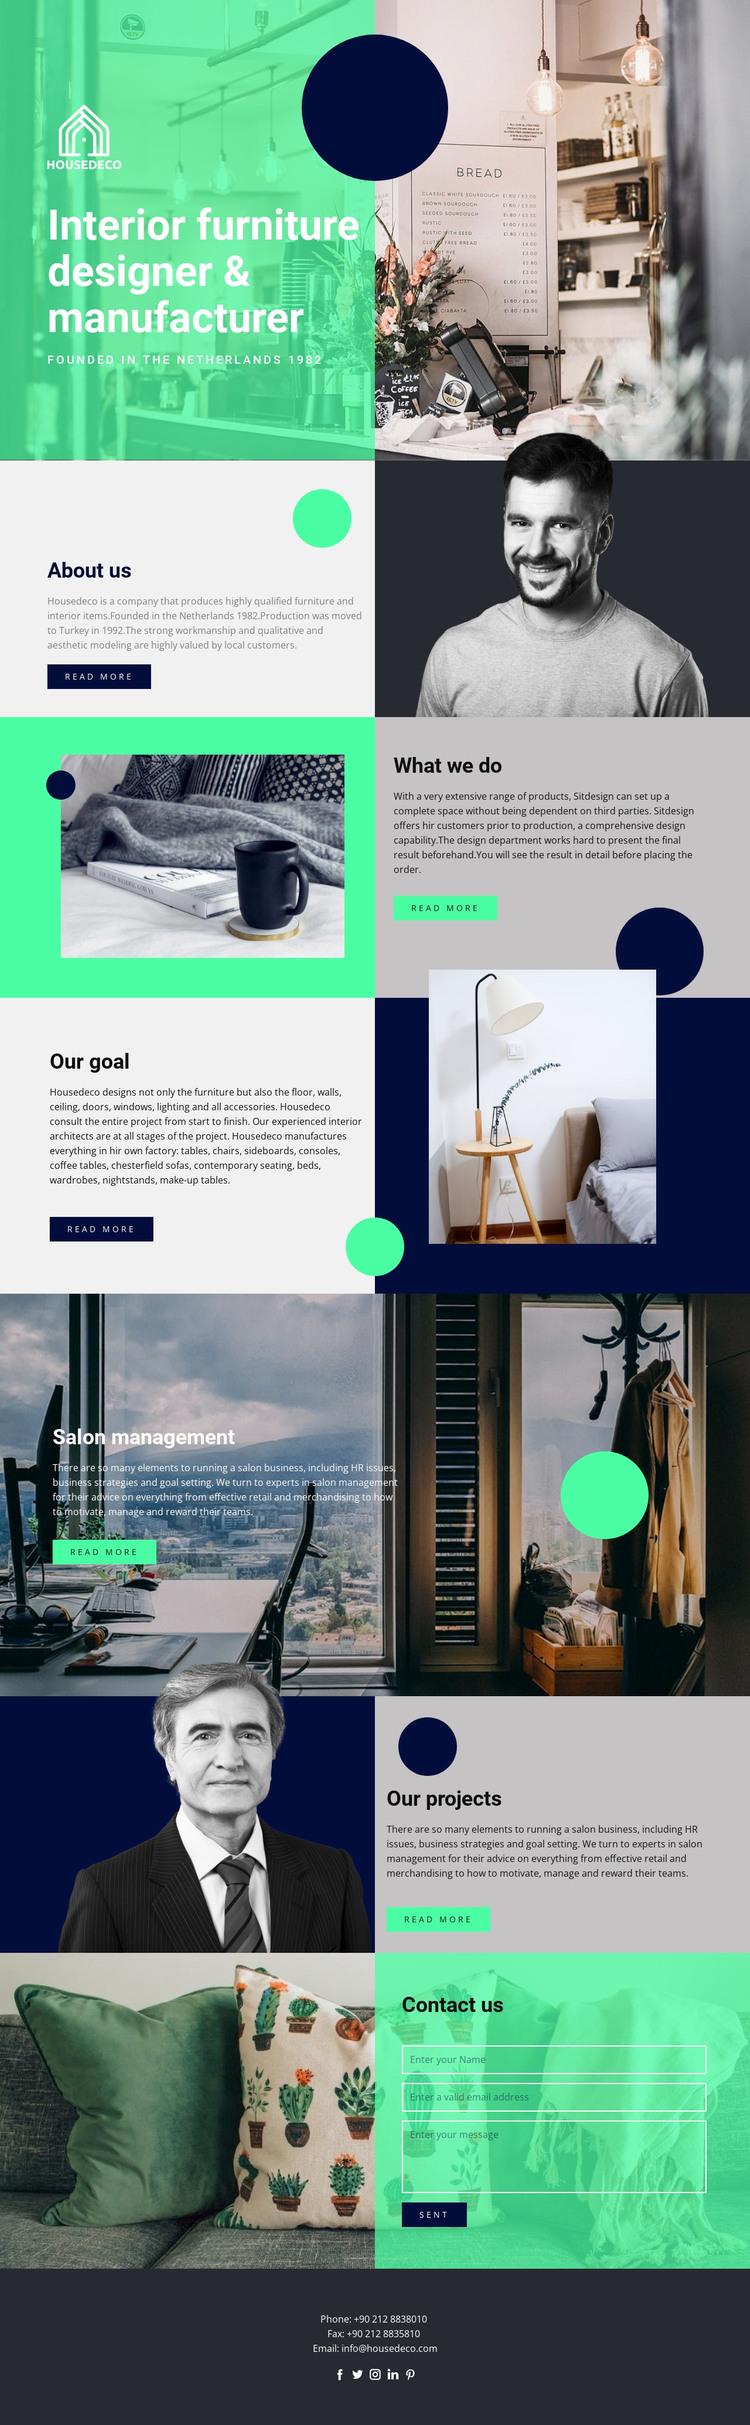 Interior furniture Web Design